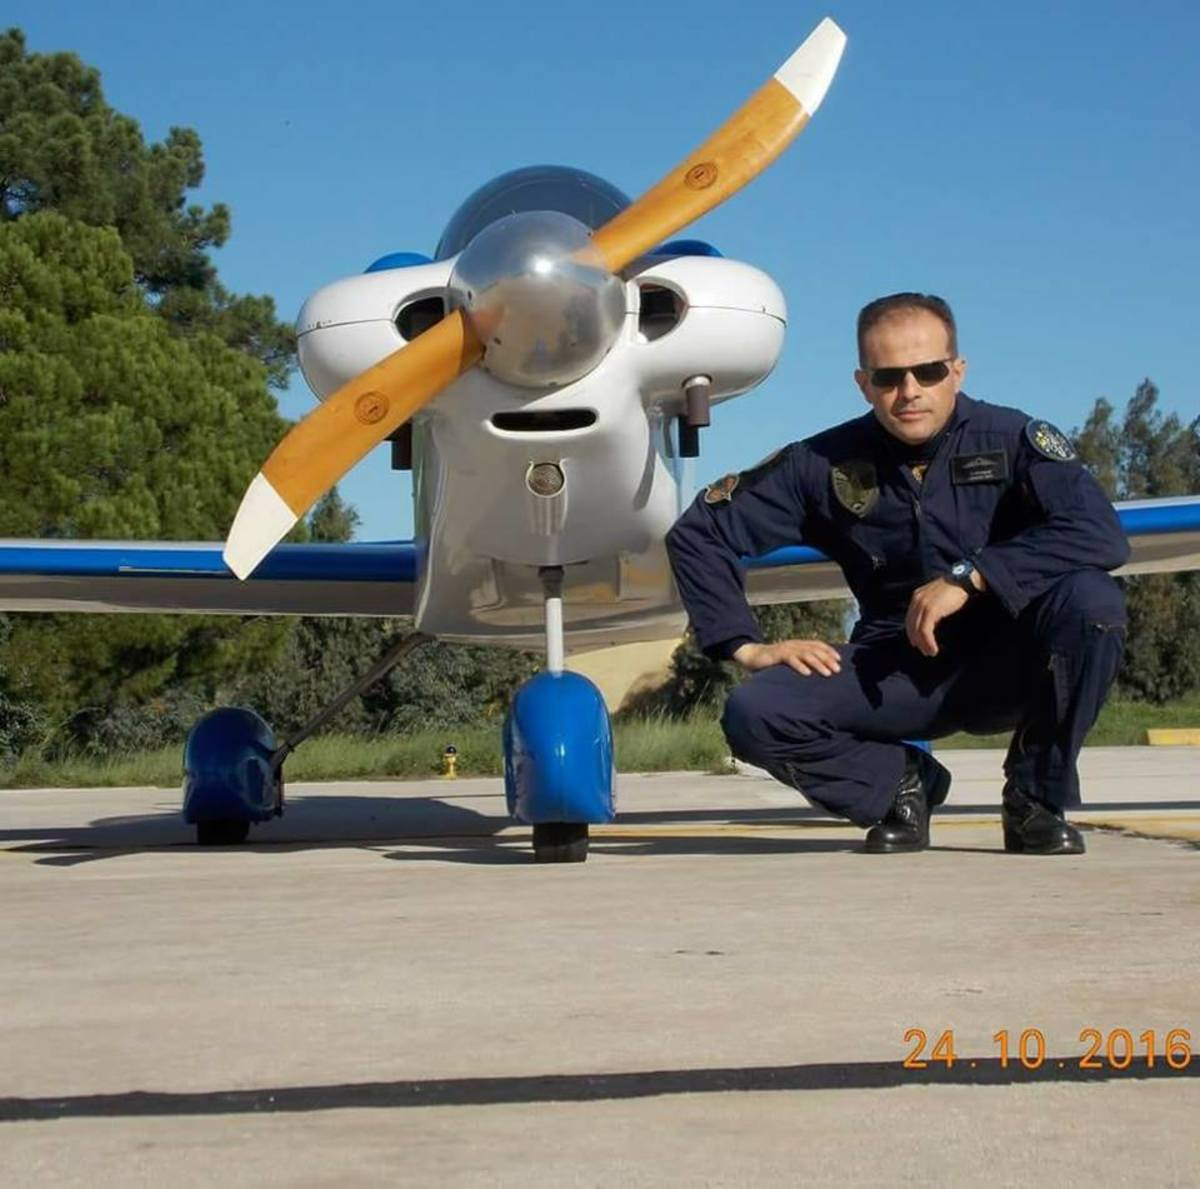 pilotos2 - Μεσολόγγι: Αυτός είναι ο πιλότος του αεροσκάφους που κατέπεσε – Άκαρπες οι έρευνες